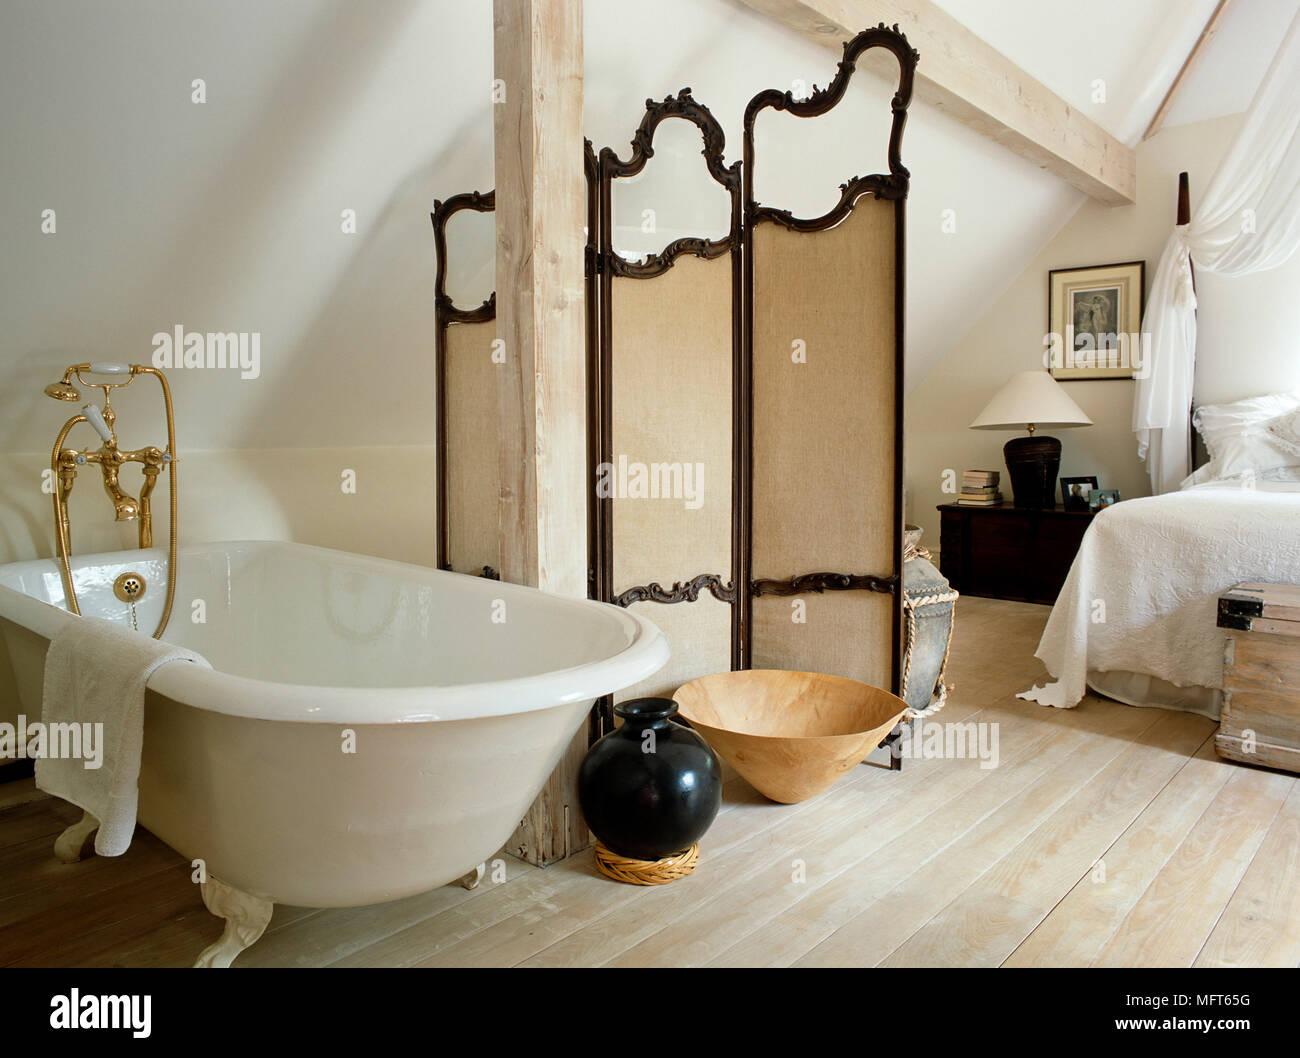 freistehende badewanne schlafzimmer, freistehende badewanne neben dressing bildschirm im landhausstil, Design ideen